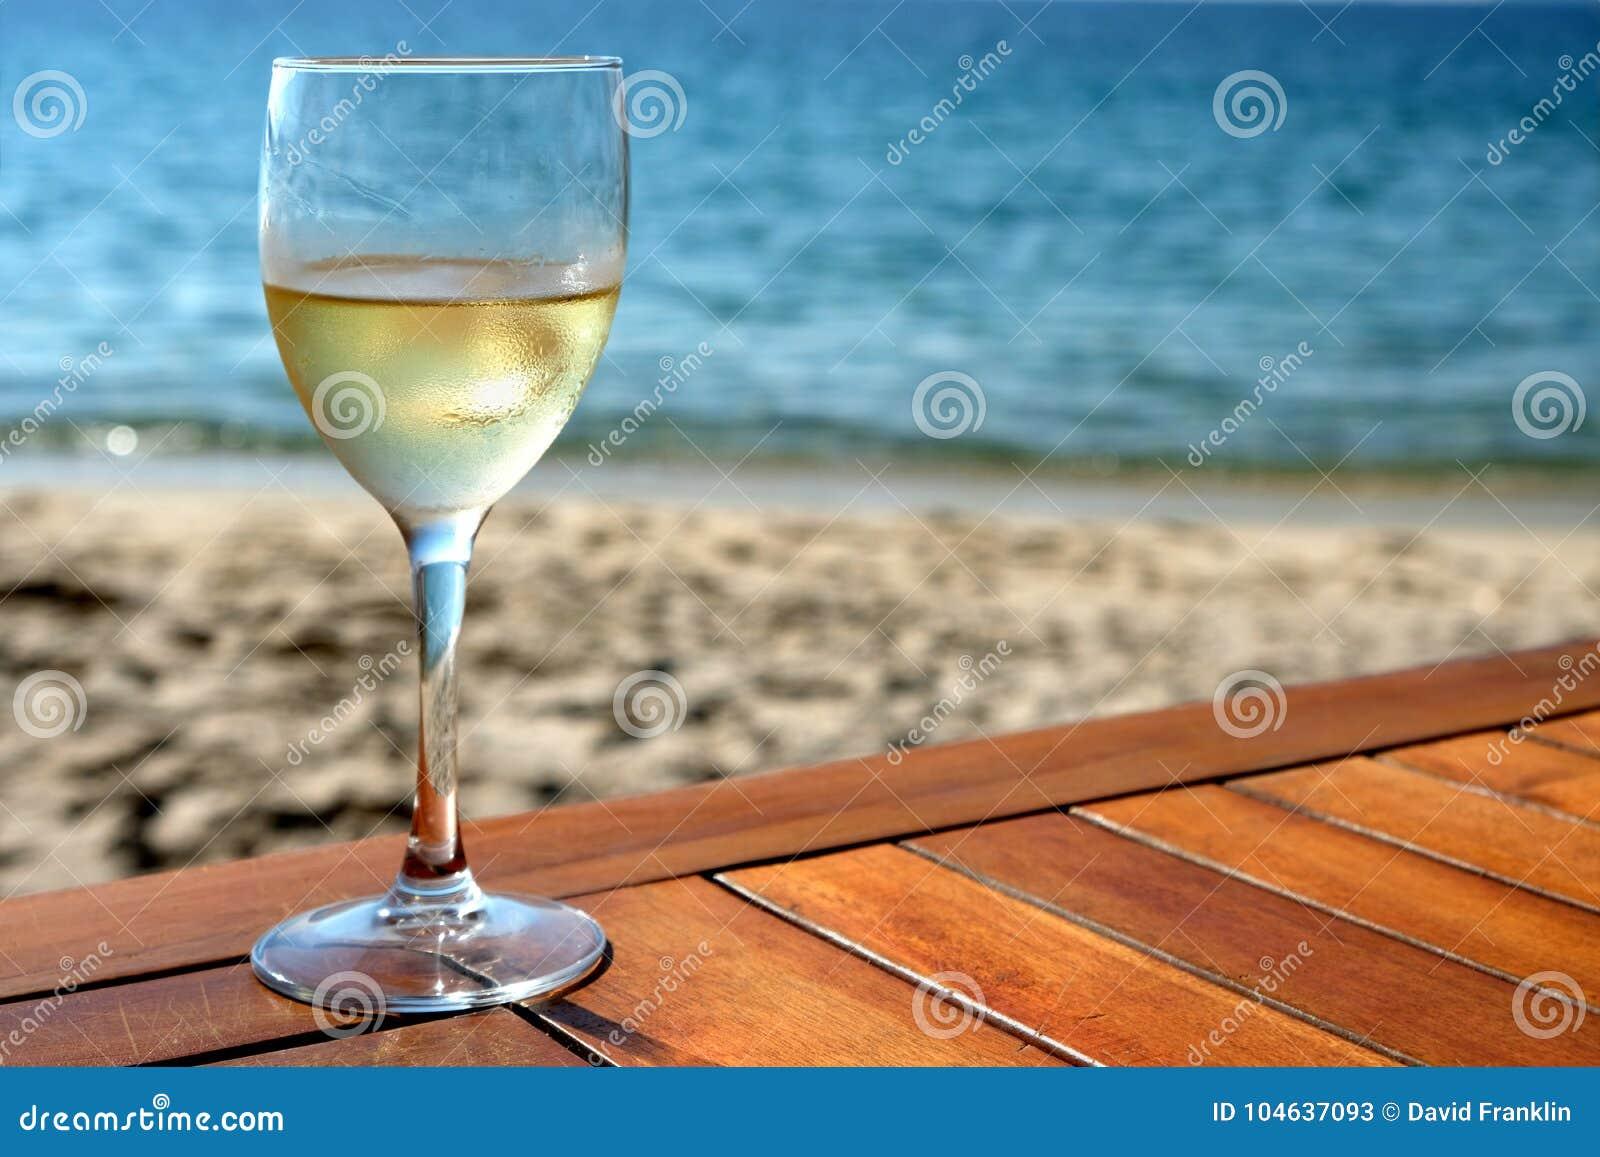 Download Glas Witte Wijn Op Mediterrane Strandlijst Stock Afbeelding - Afbeelding bestaande uit lijst, glas: 104637093